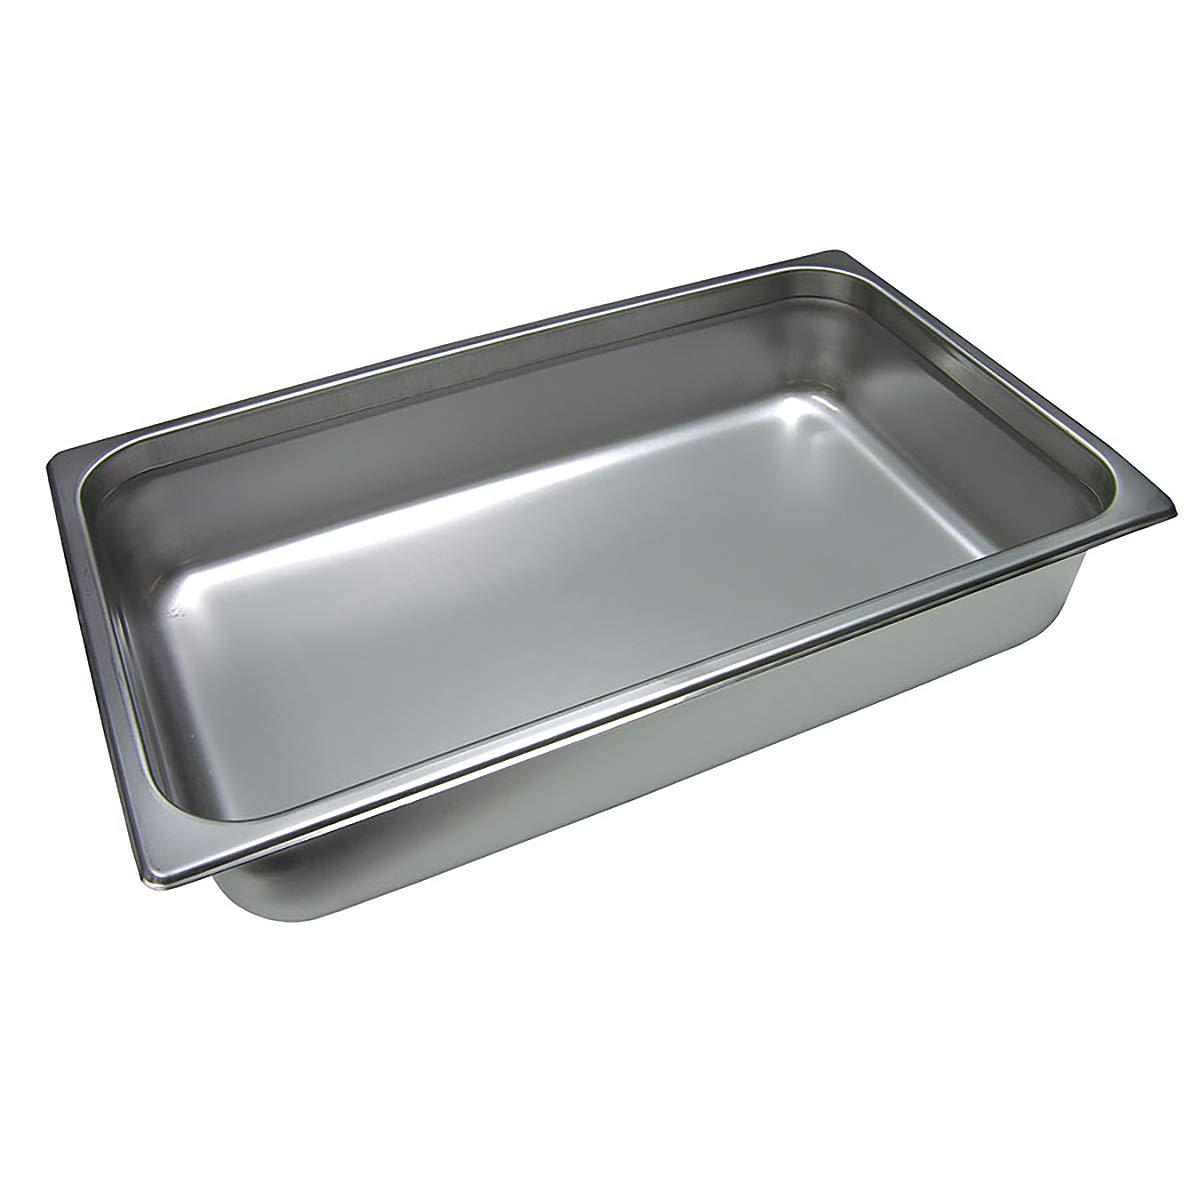 Update International (SPH-1004) 4'' Full-Size Anti-Jam Steam Table Pan